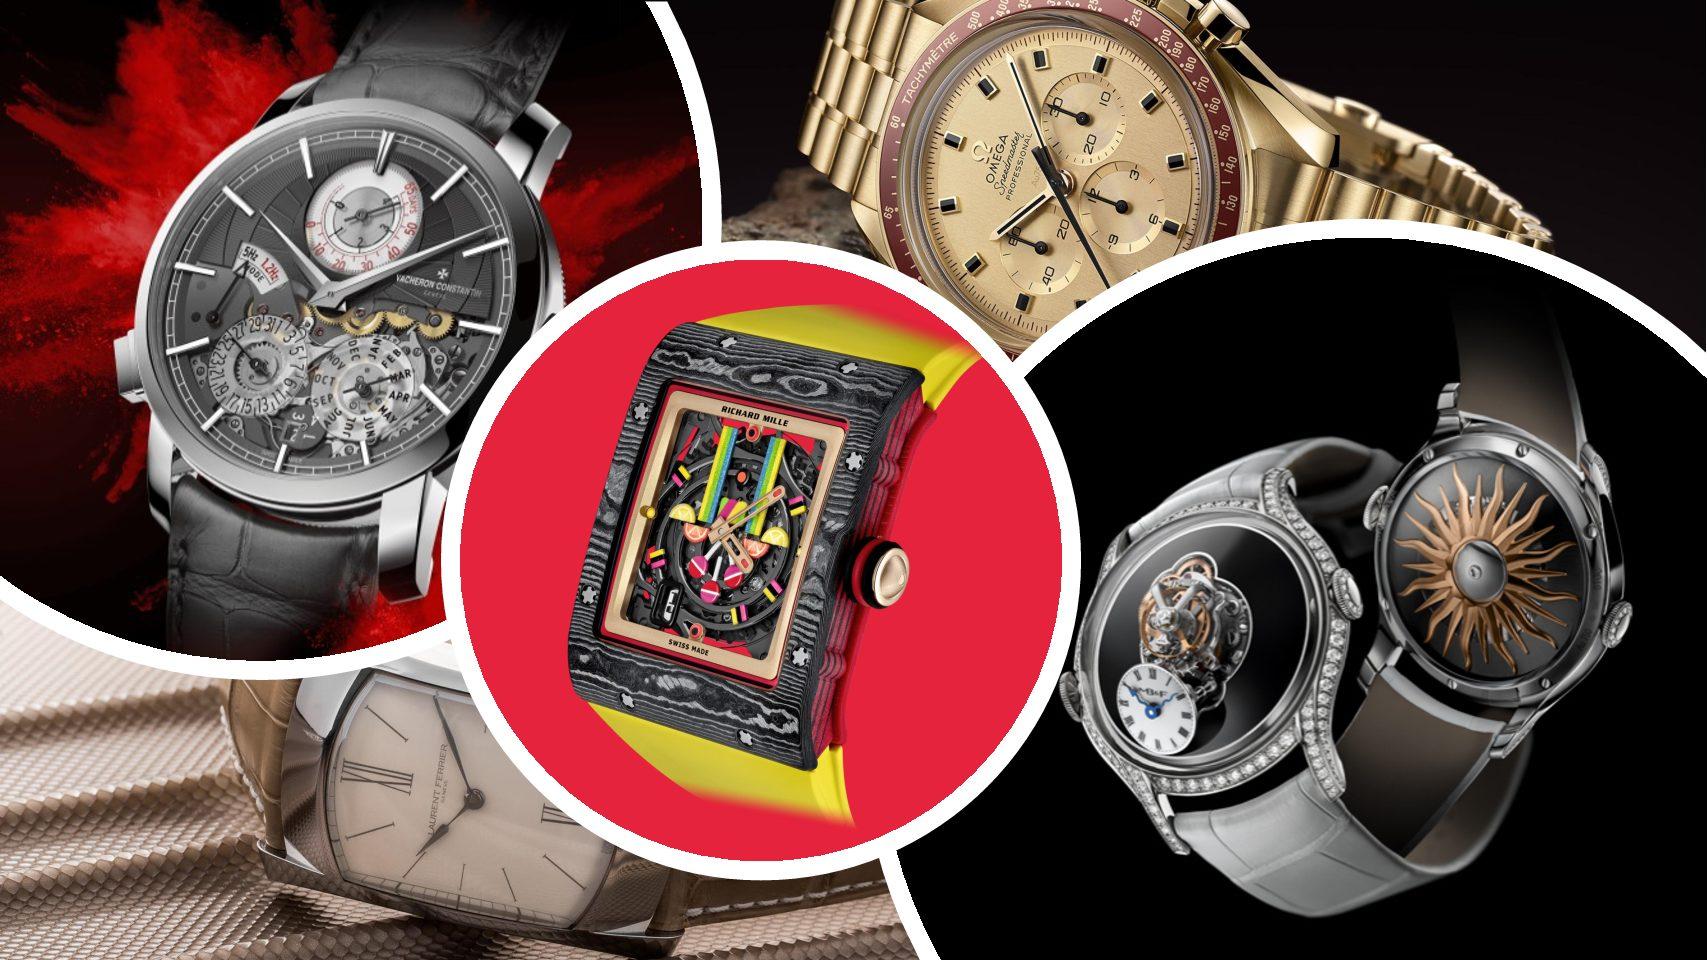 5490e7019c Les plus belles montres lancées cette année. Un choix totalement subjectif  et assumé.